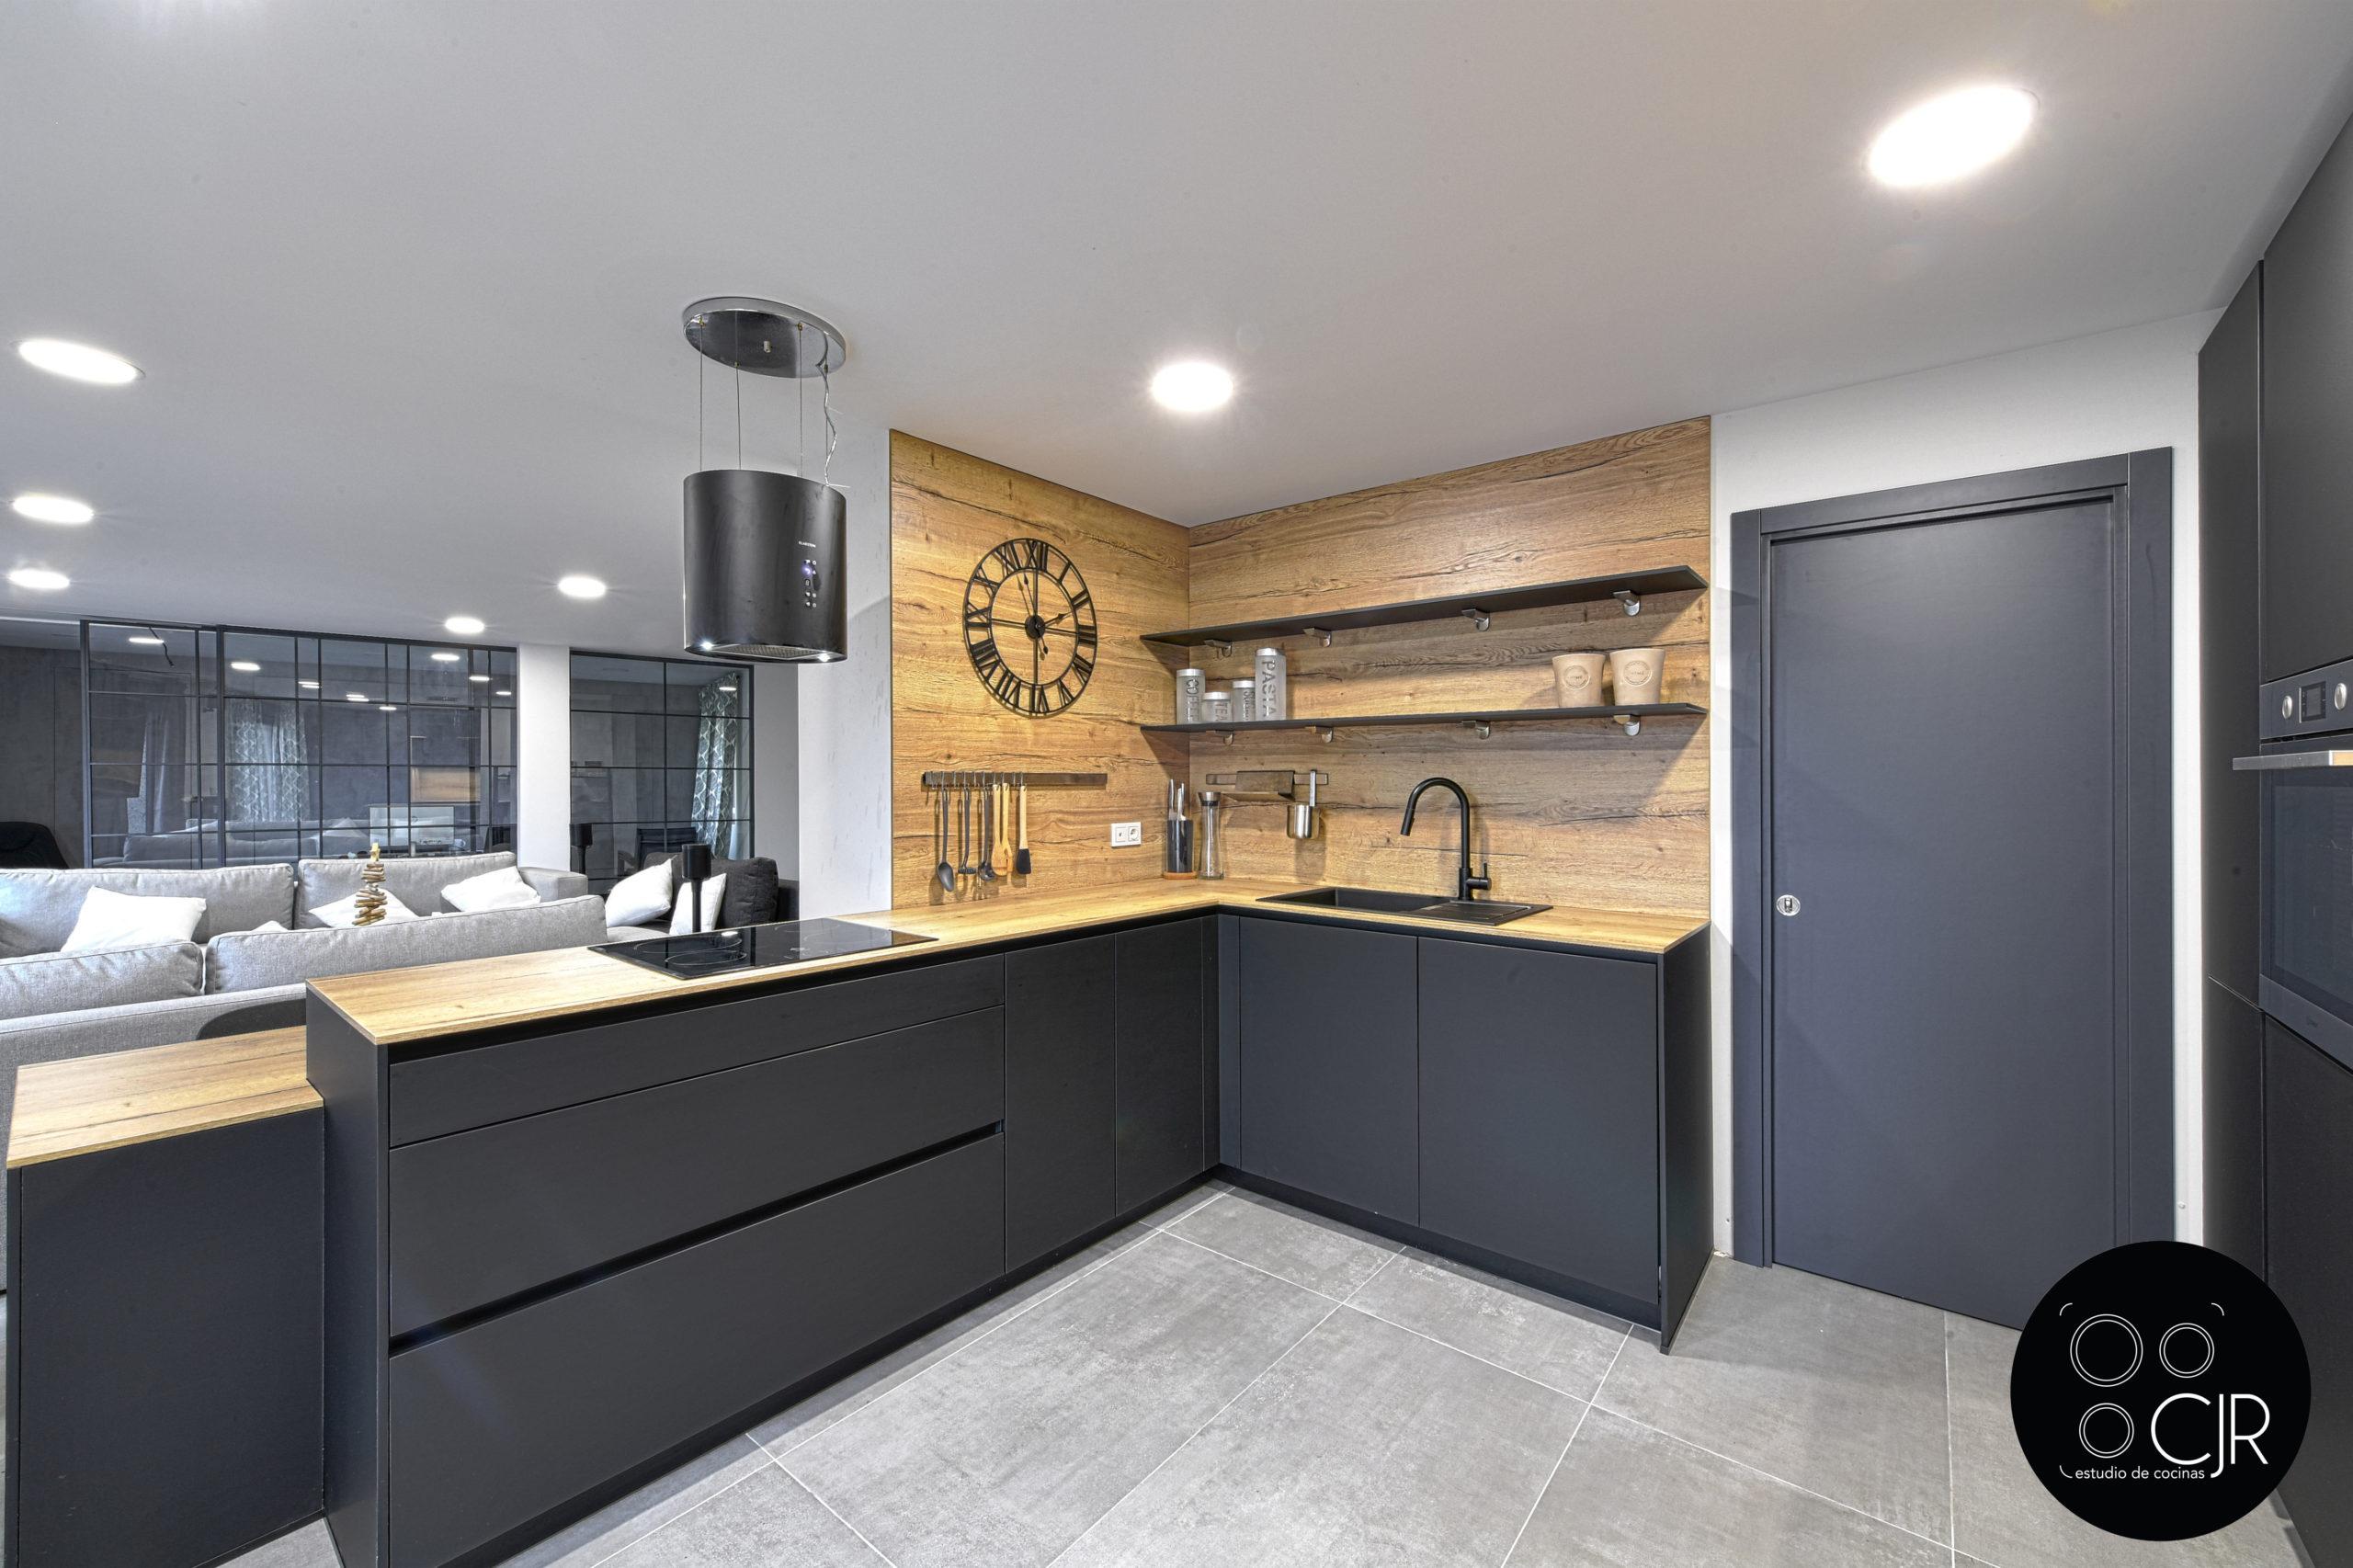 Esquina de cocina negro mate y madera